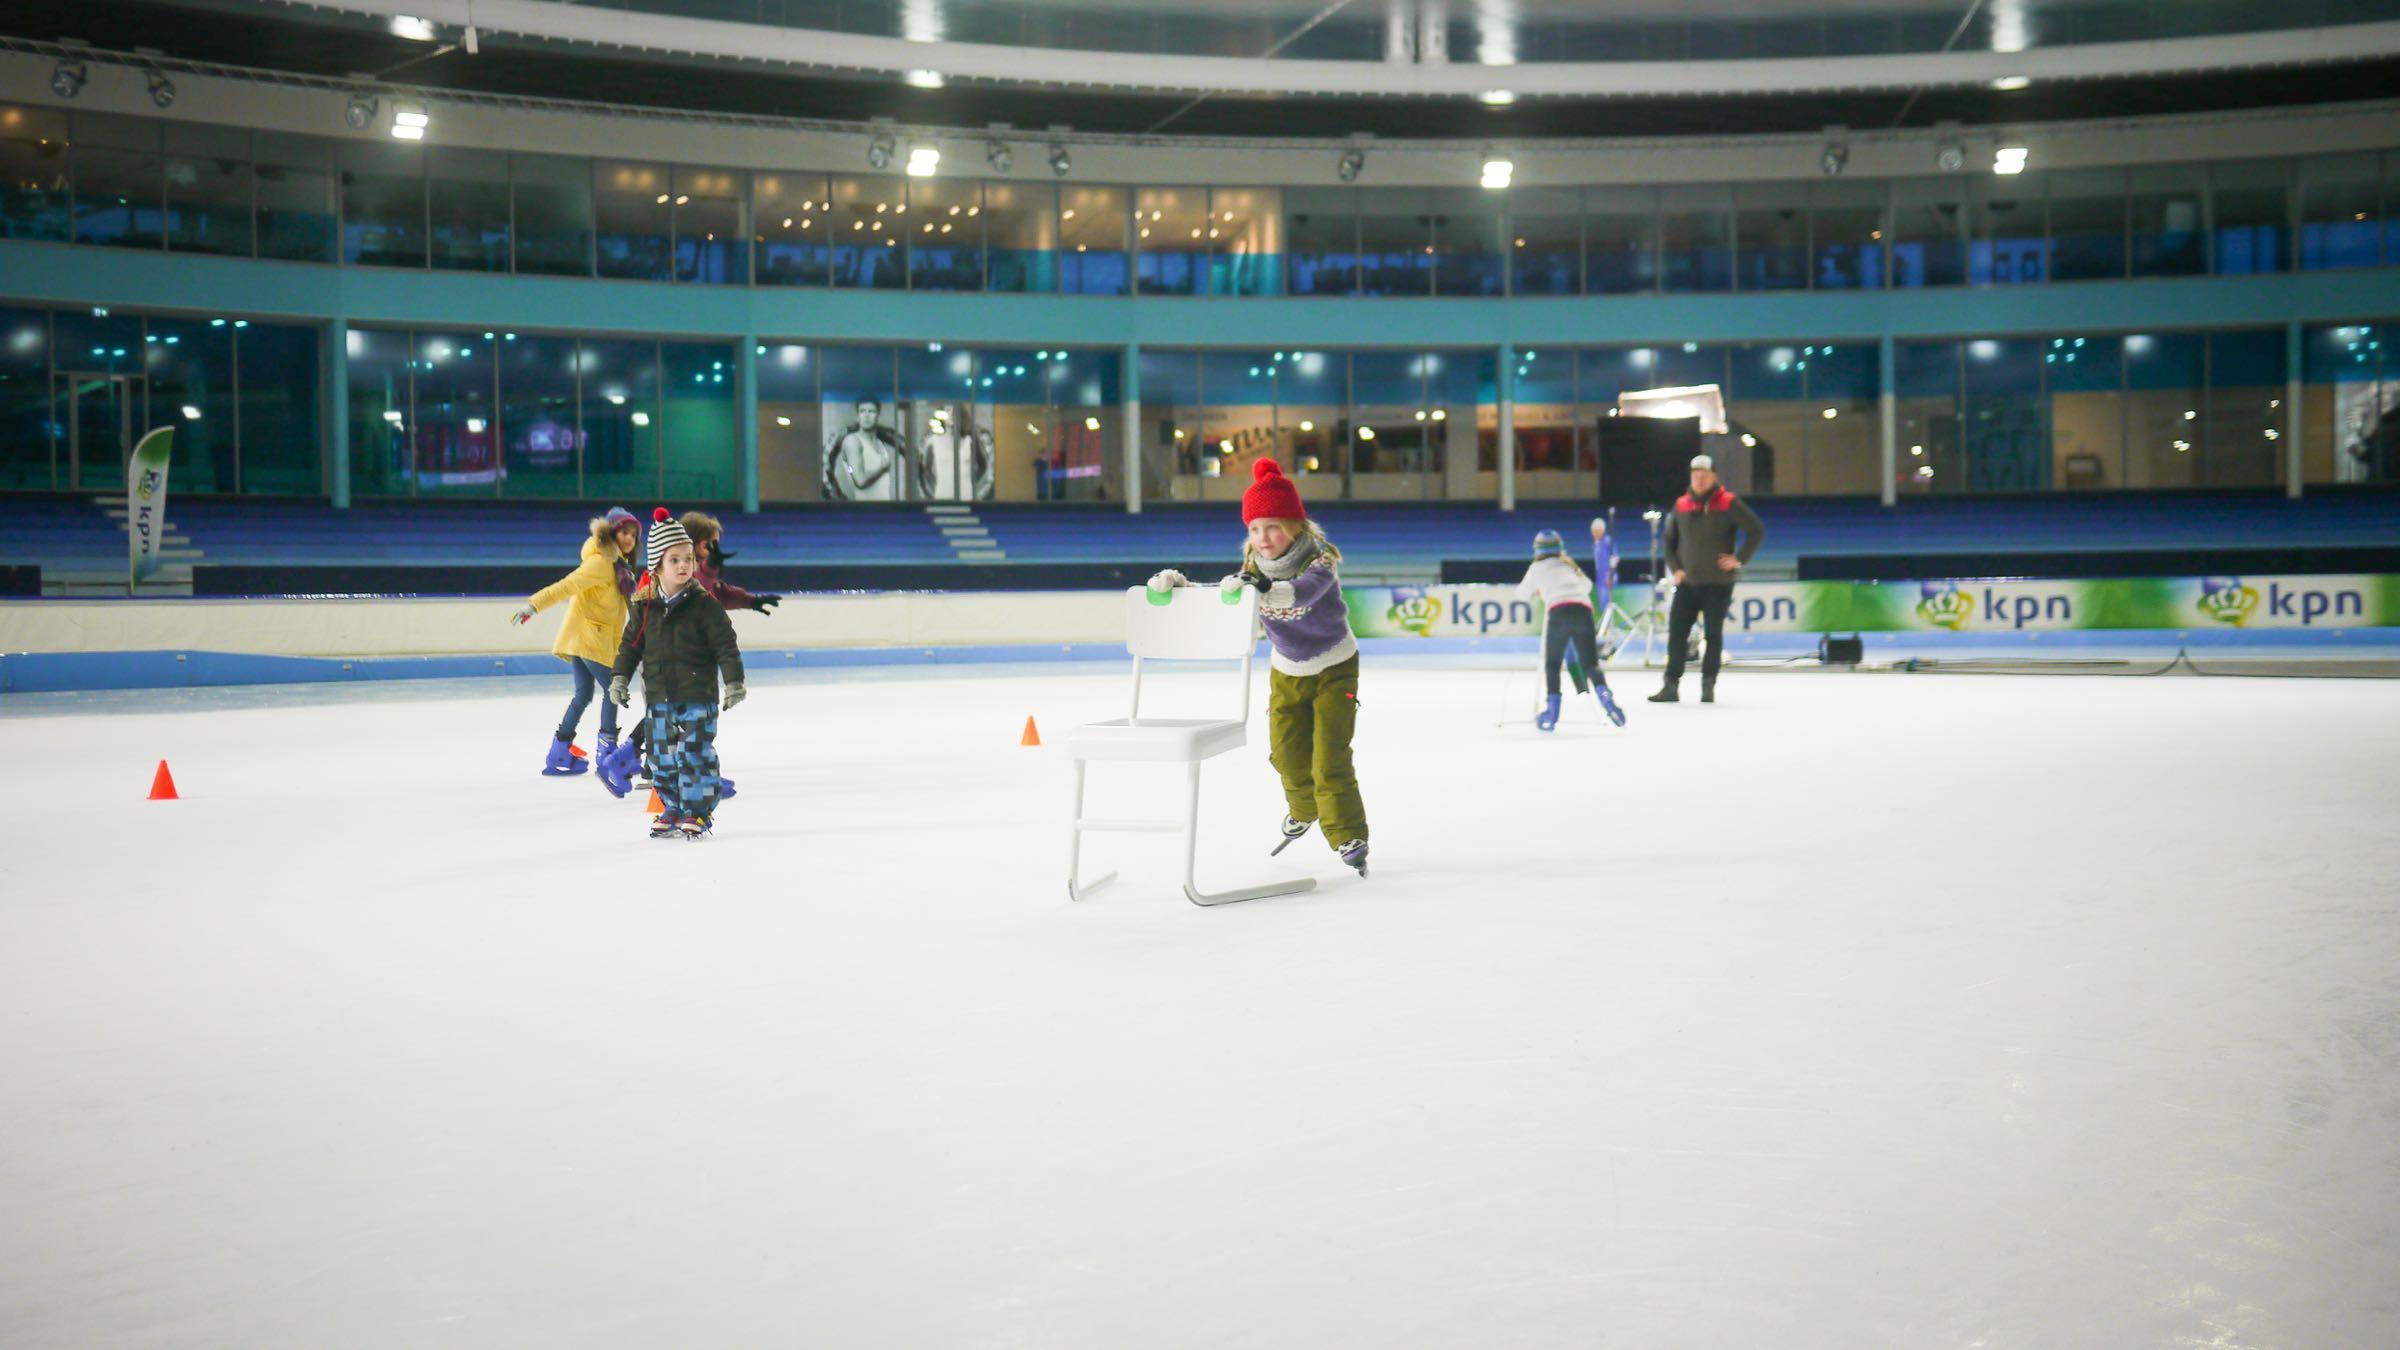 KPN_schaatsstoel-10.jpg